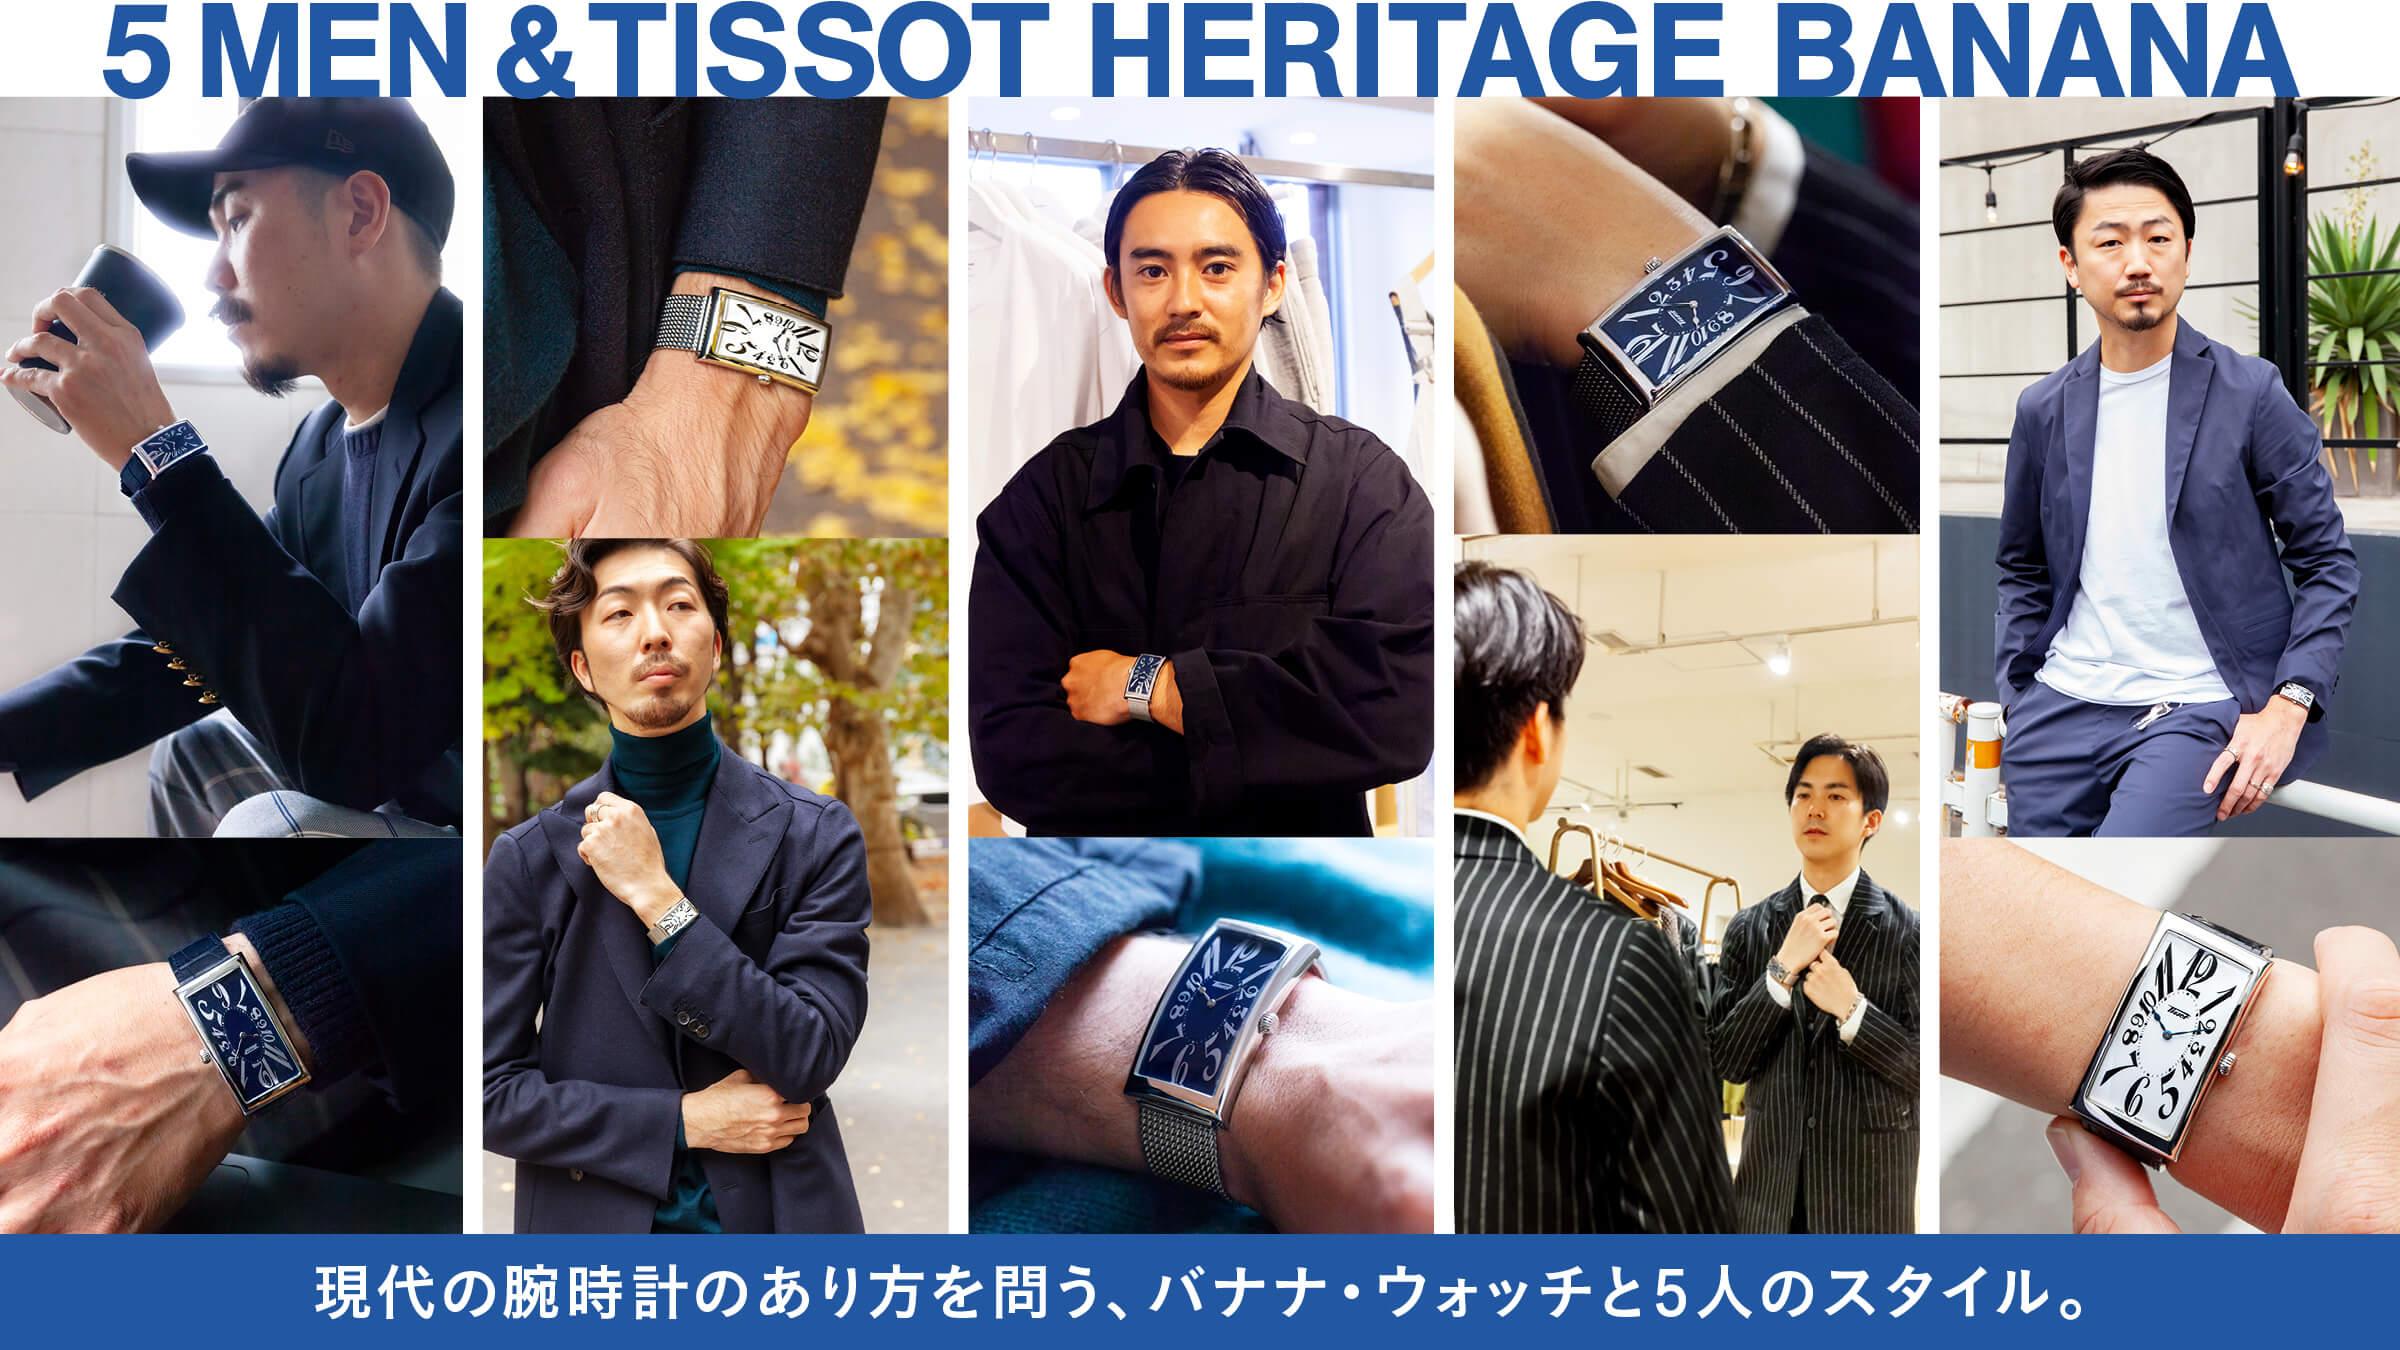 現代の腕時計のあり方を問う、バナナ・ウォッチと5人のスタイル。